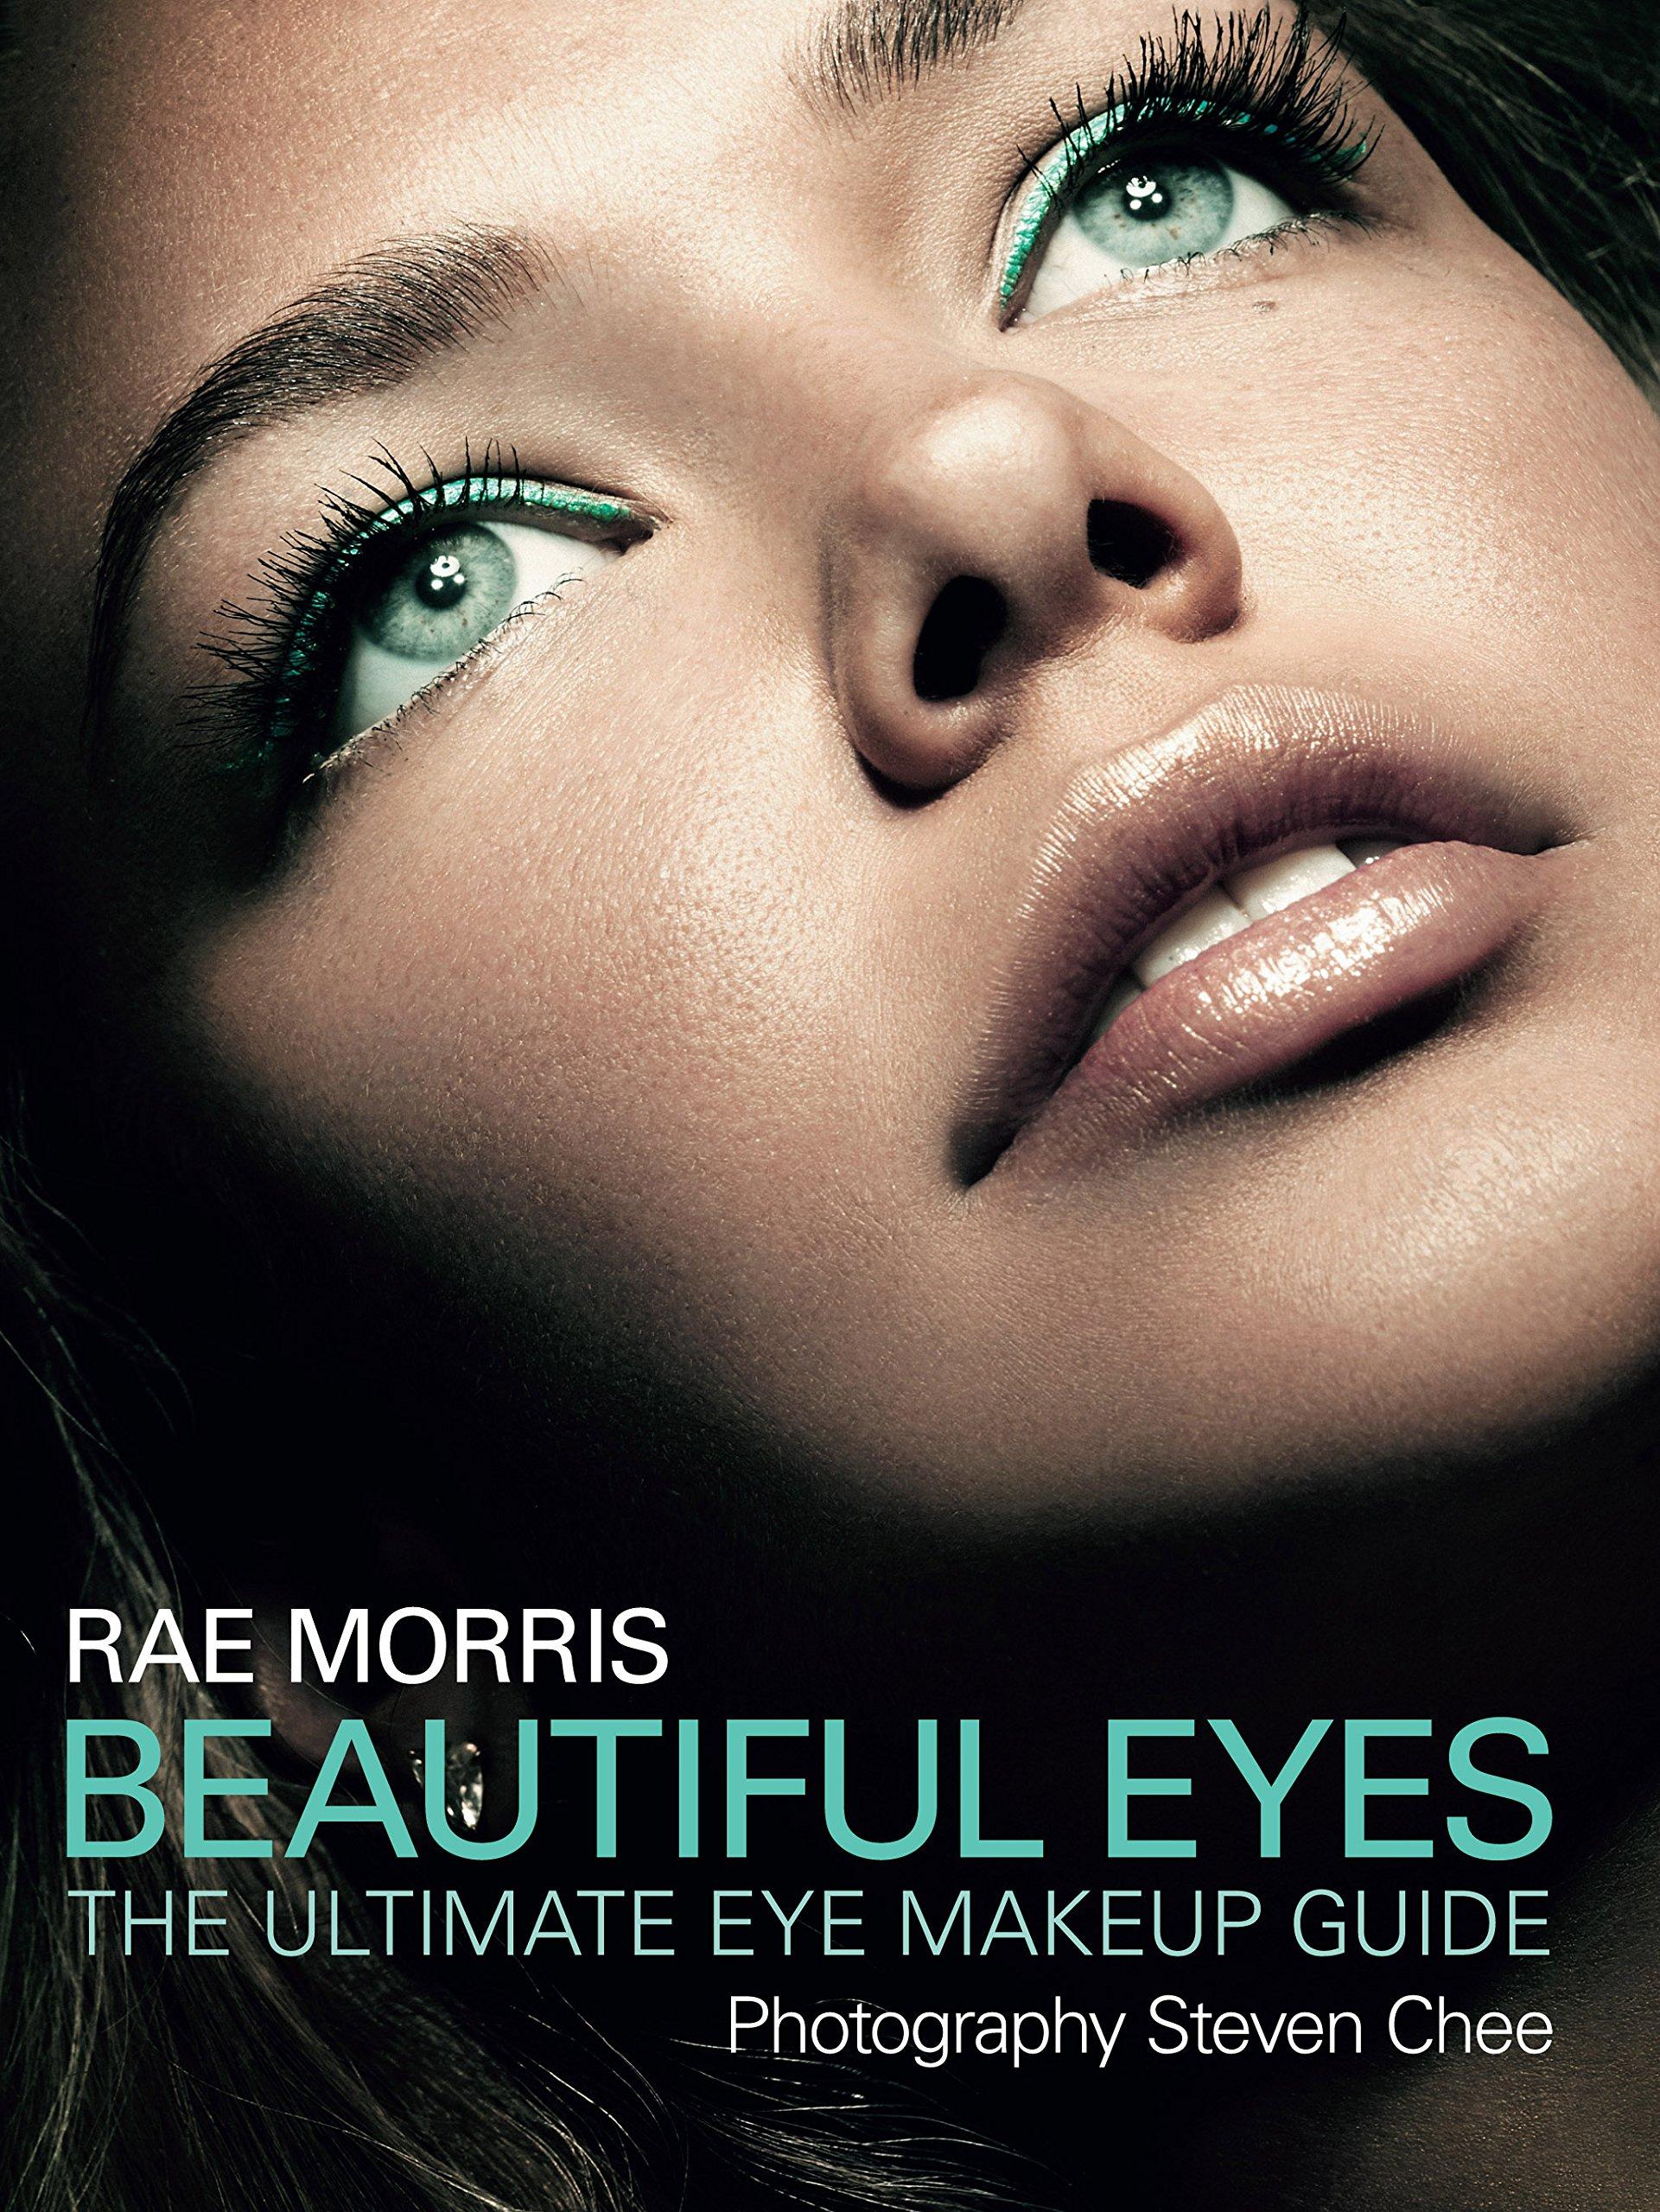 Beautiful Eyes: The Ultimate Eye Makeup Guide: Morris, Rae, Chee